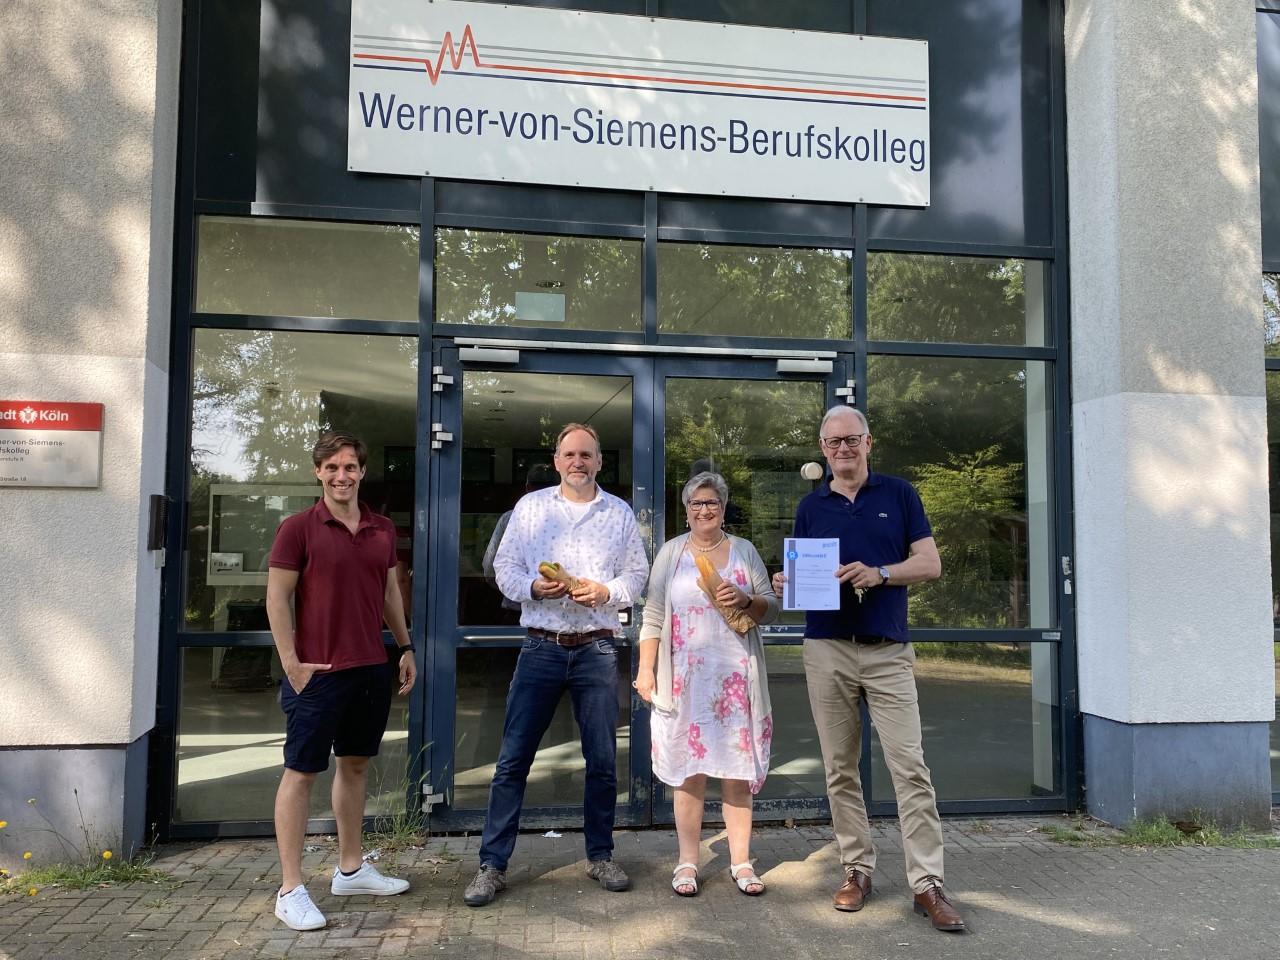 Werner-von-Siemens-Schule macht sich auf in eine gesunde Zukunft – 1. Platz beim Kreativwettbewerb der IKK classic